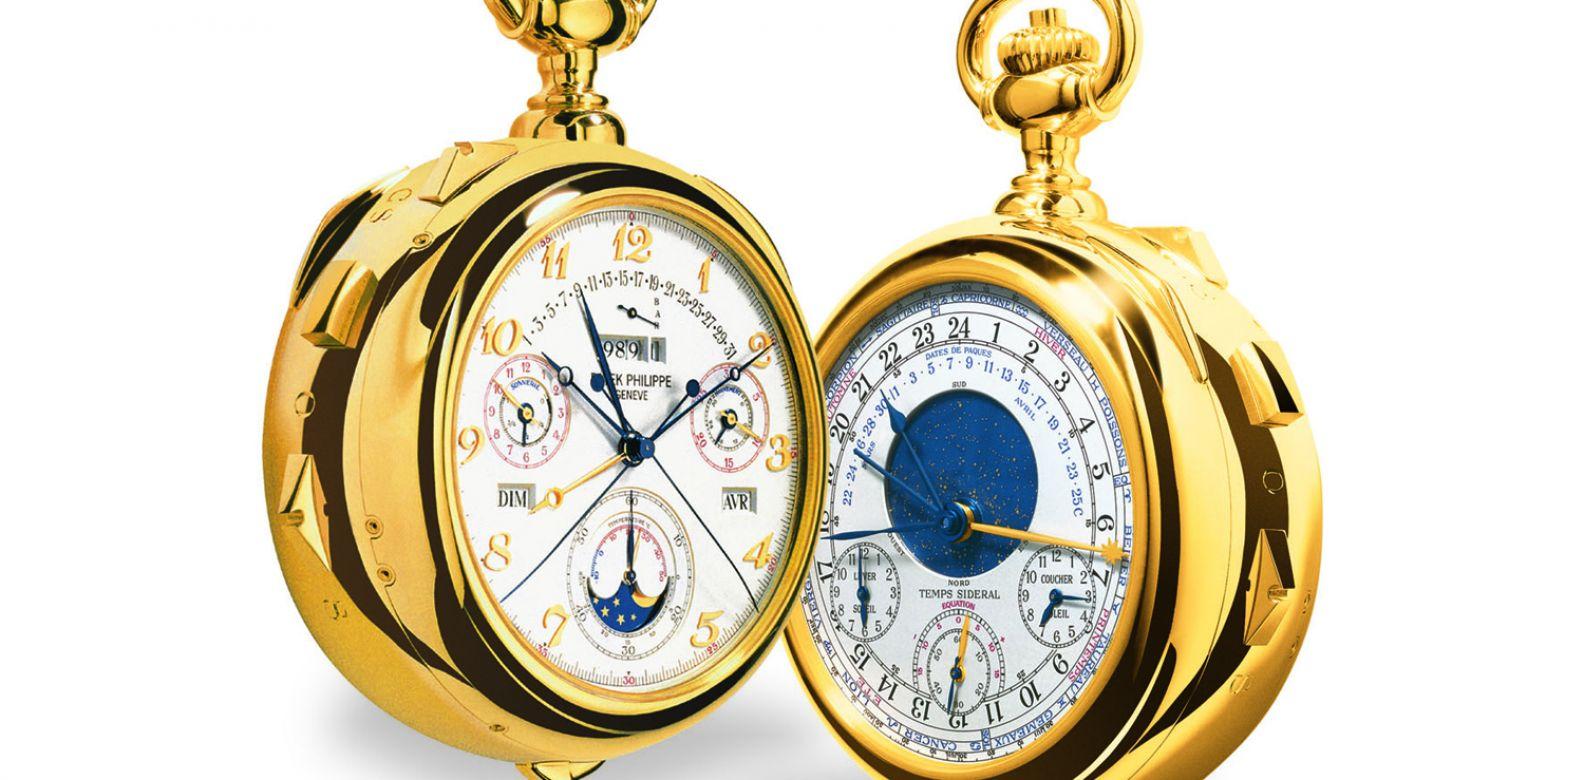 於1959年打造的複雜輕攜式時計Calibre 89,當時是為了紀念品牌創立150週年而製作,整枚時計共由1,728個獨立零件組成,更有包含恆星時間、天文時差與天象圖顯示等33項功能by Patek Philippe。